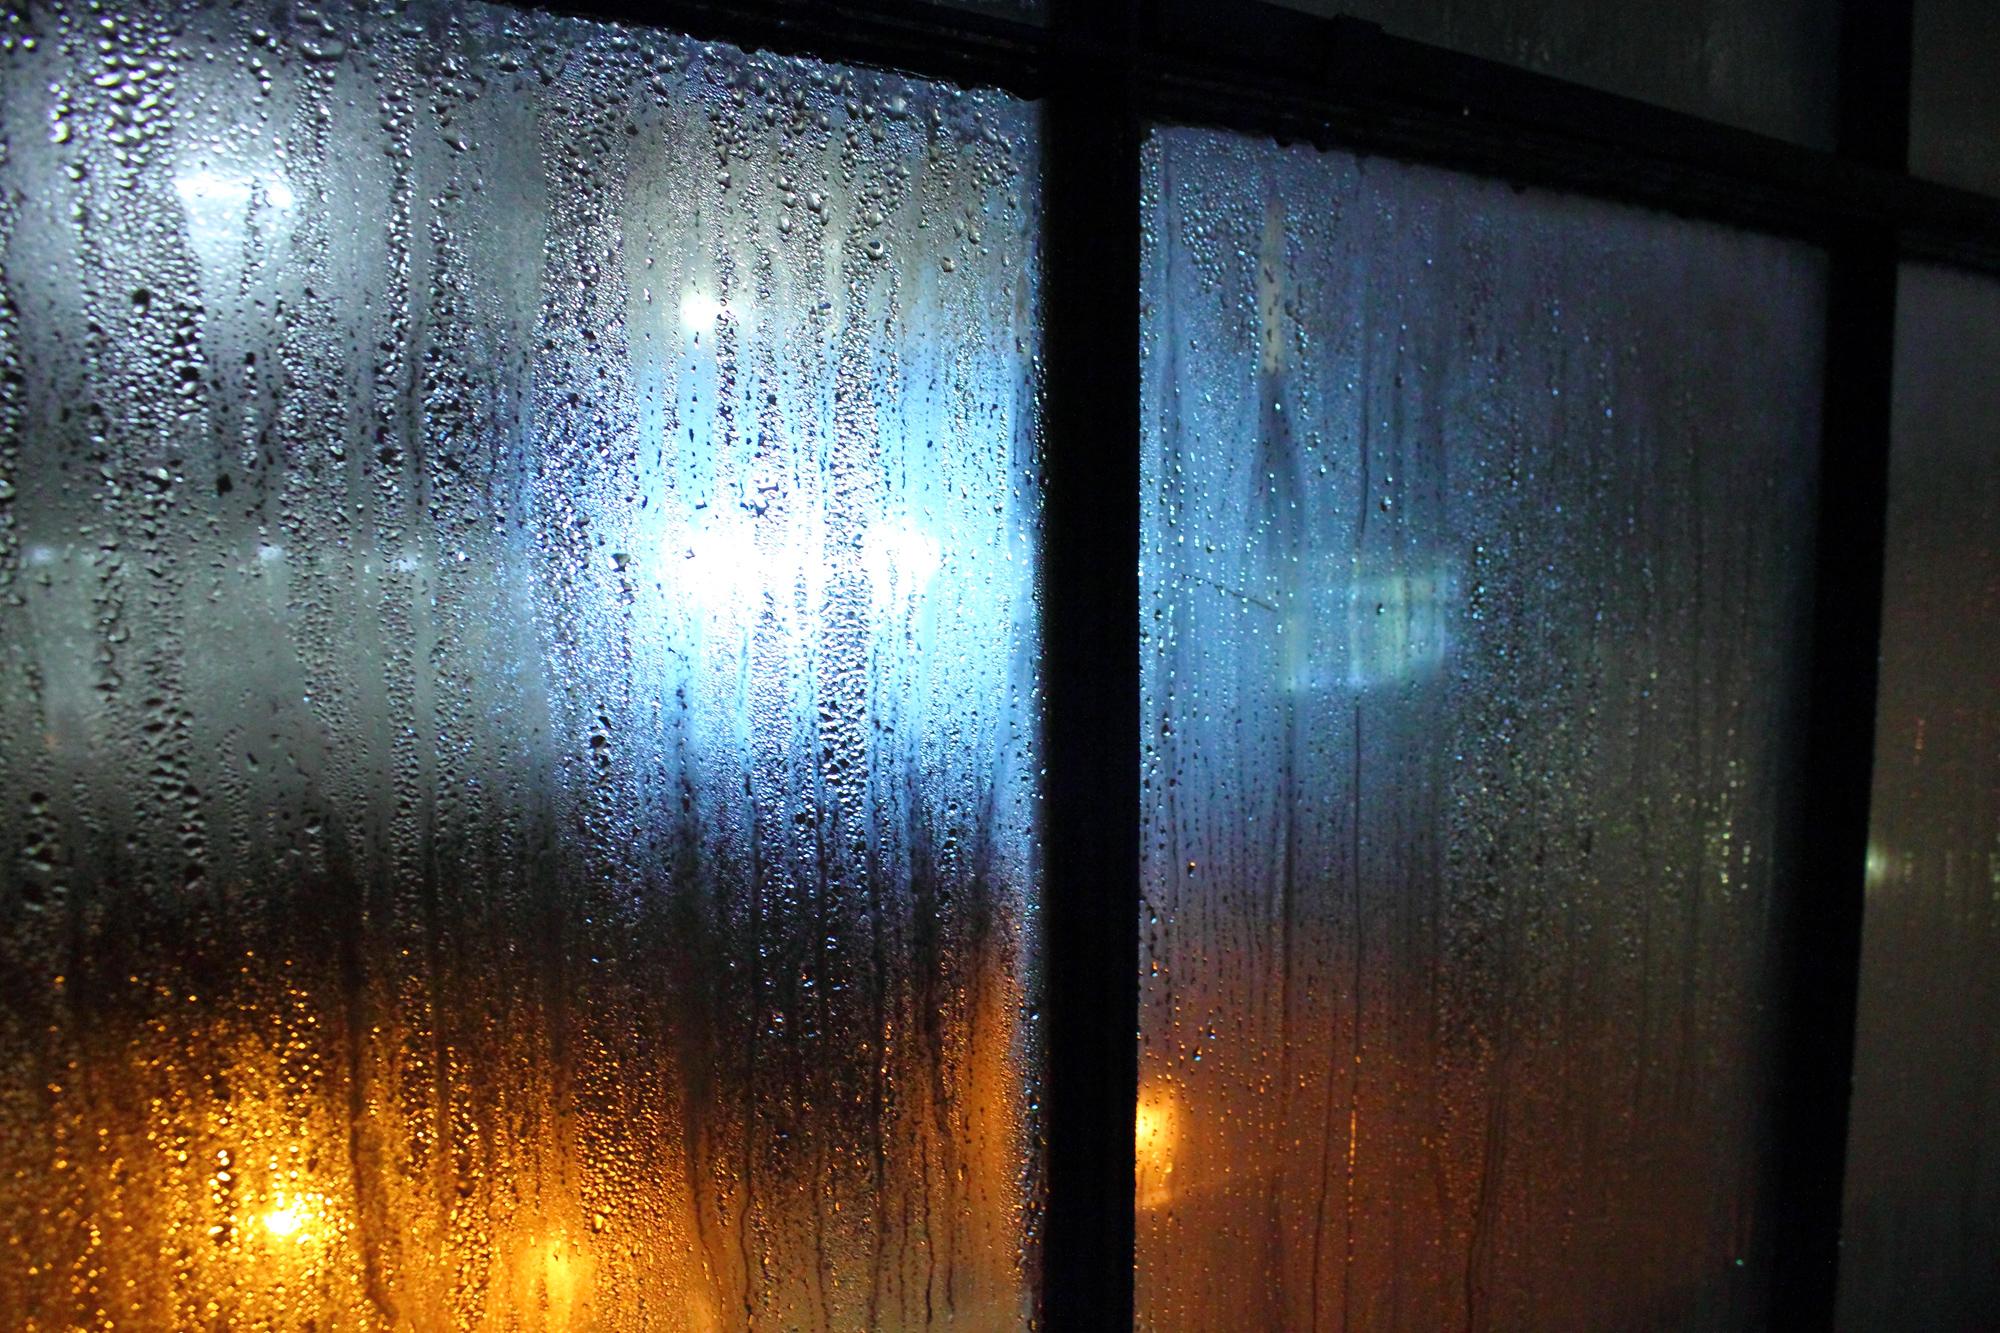 Condensa sui vetri ecco 5 consigli per dirle addio - Condensa finestre doppi vetri ...